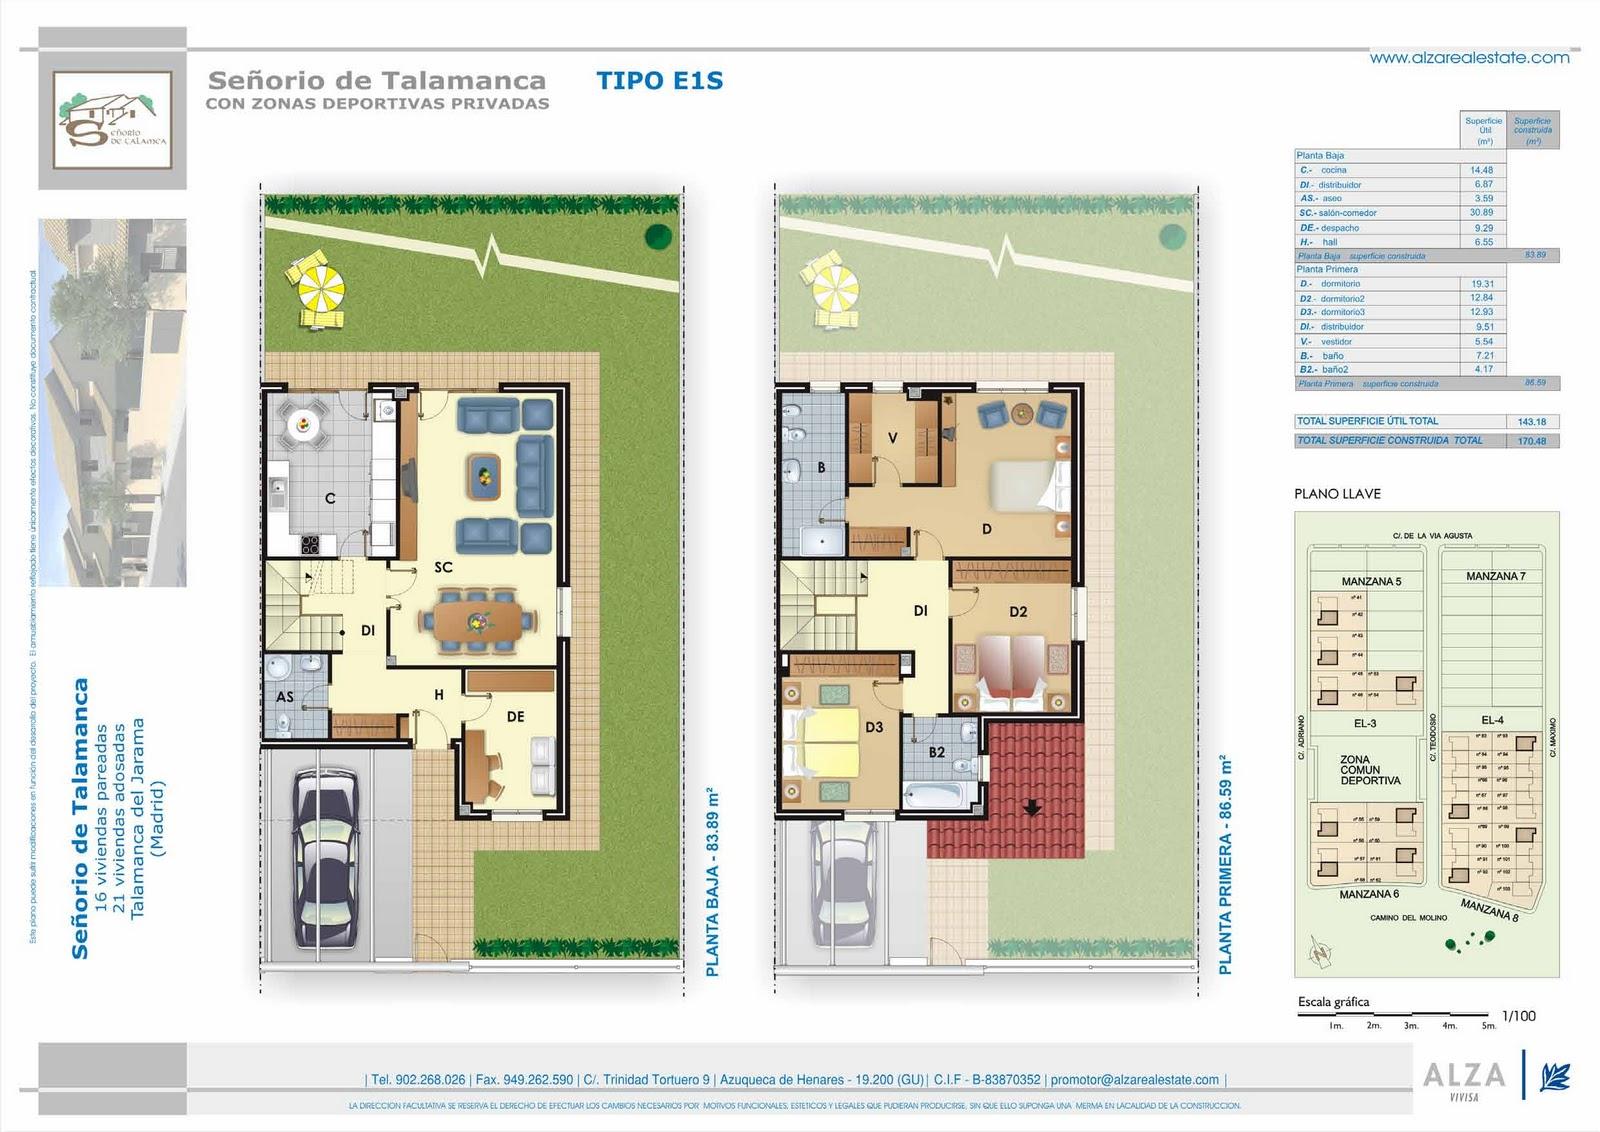 Grupo inmobiliario alza planos comerciales chalets en for Planos de chalets de lujo